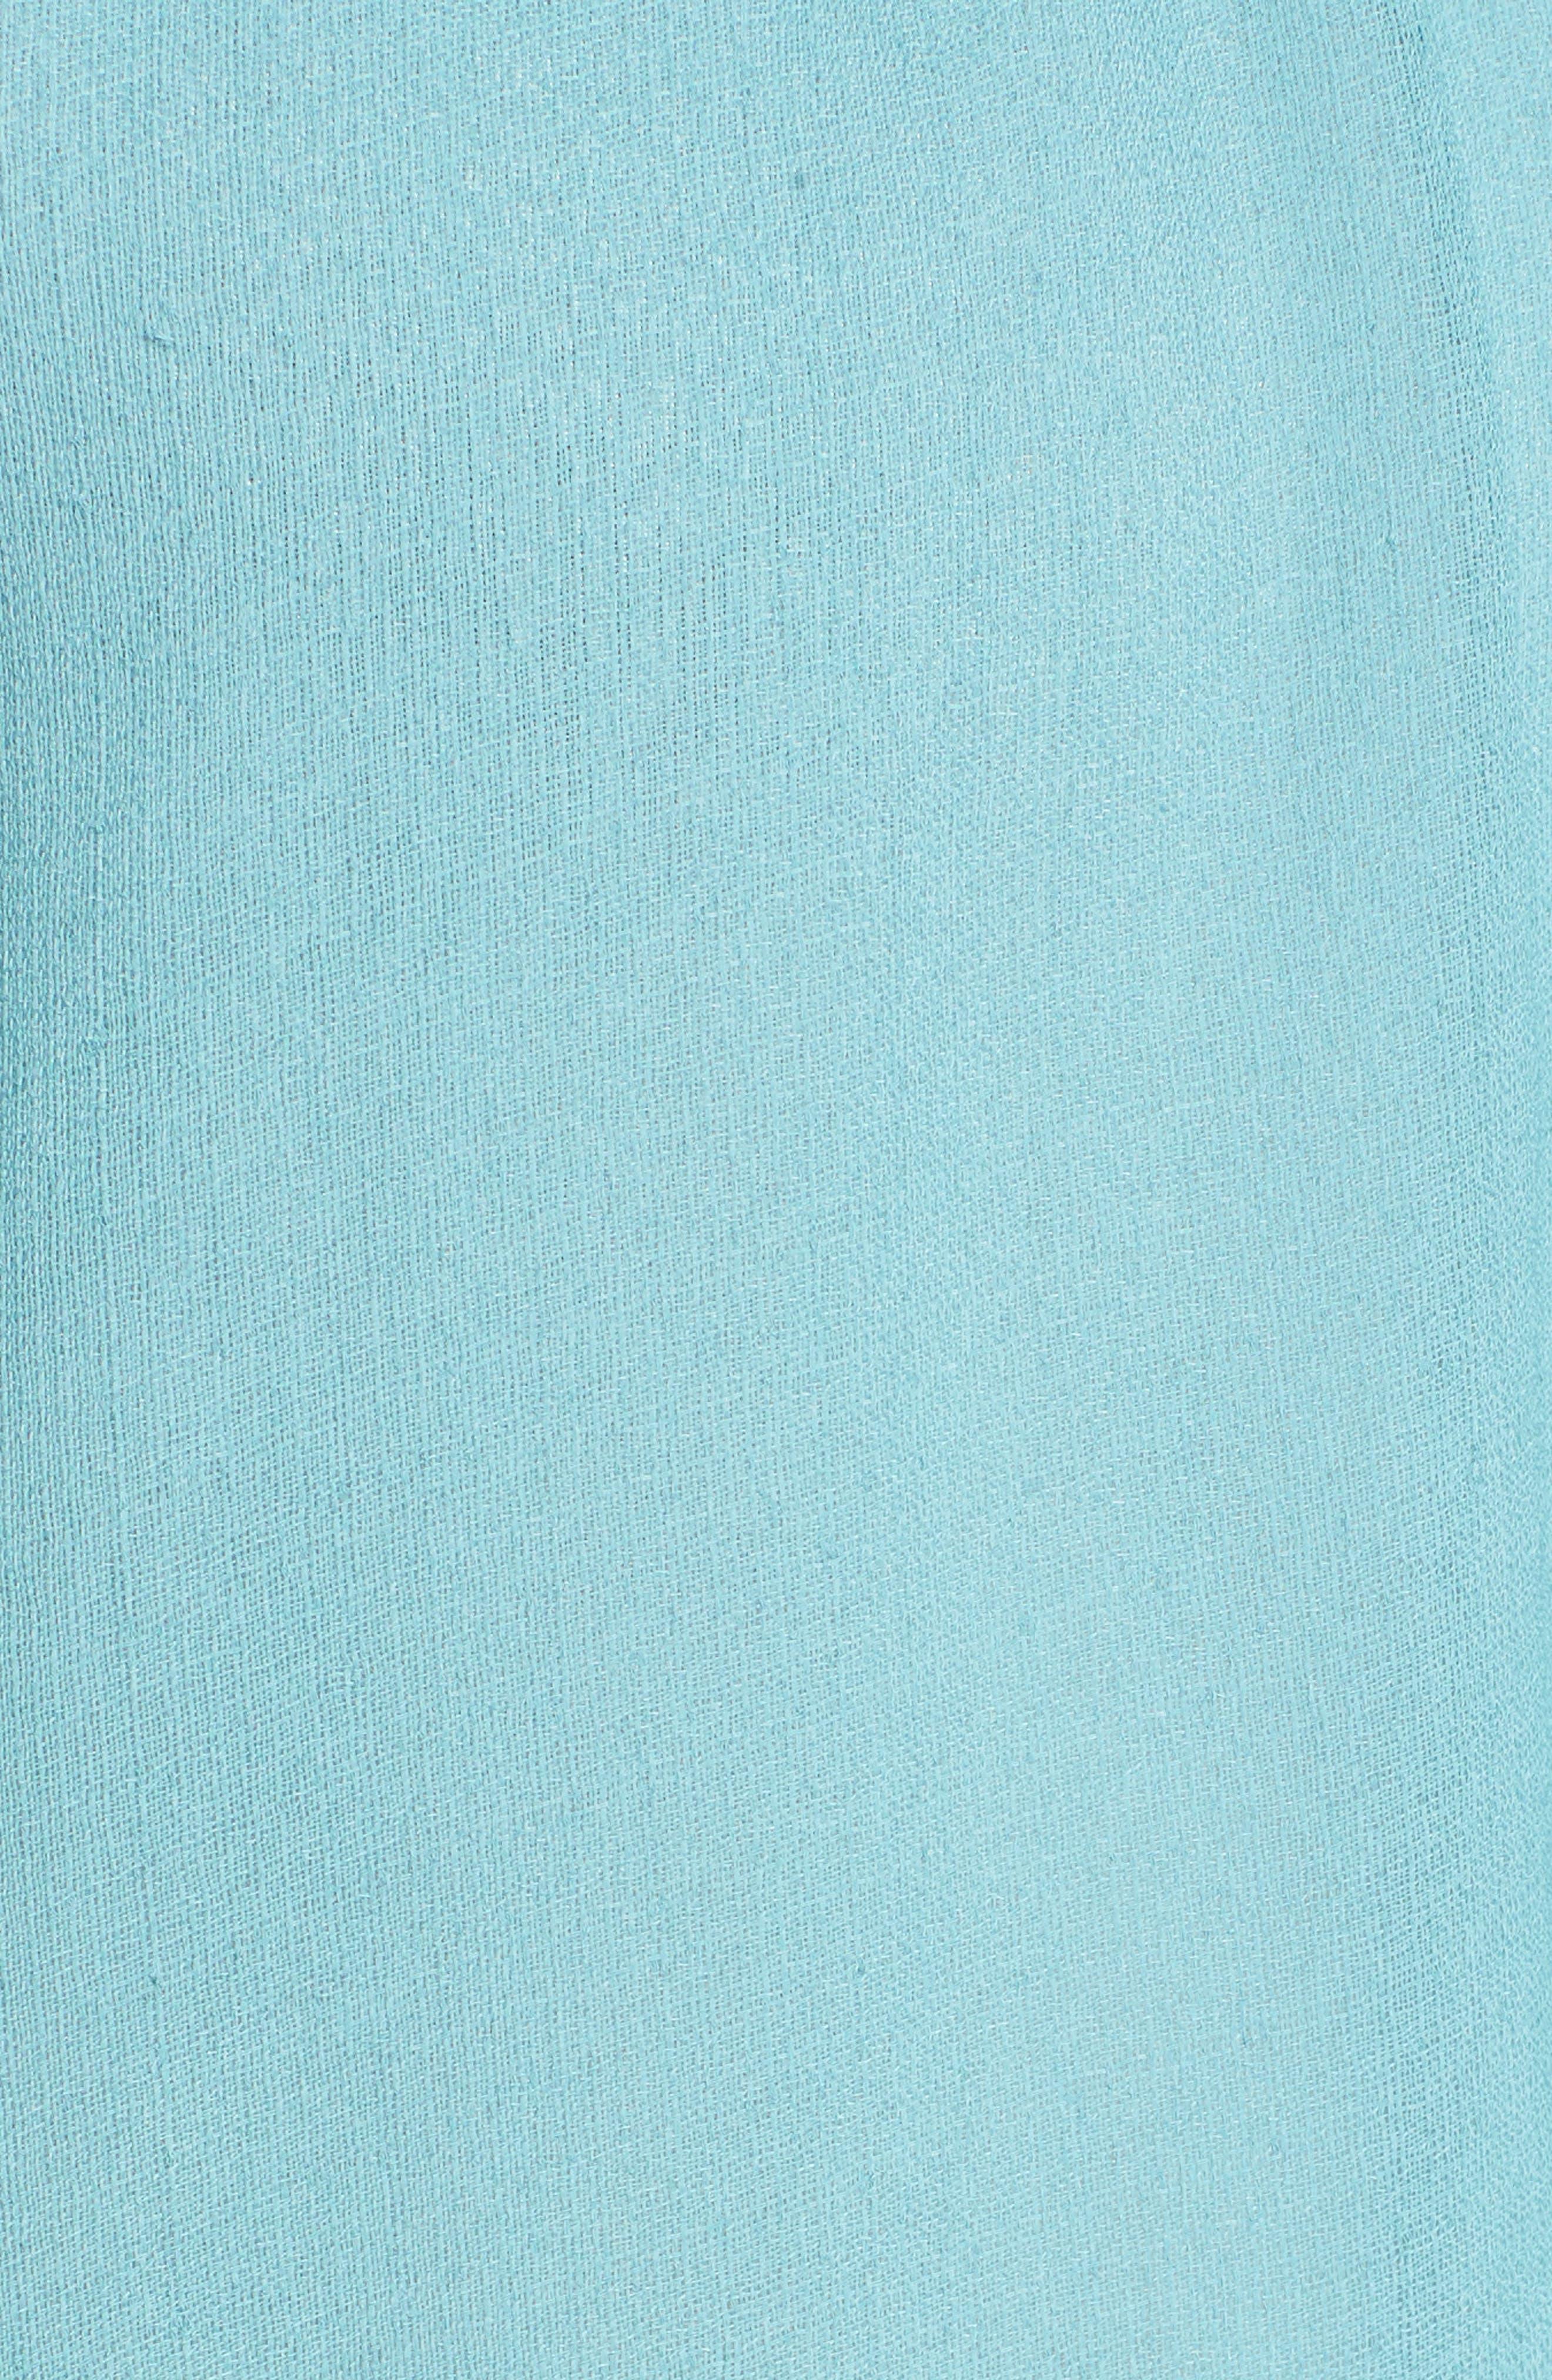 Lace Trim Off the Shoulder Top,                             Alternate thumbnail 5, color,                             420